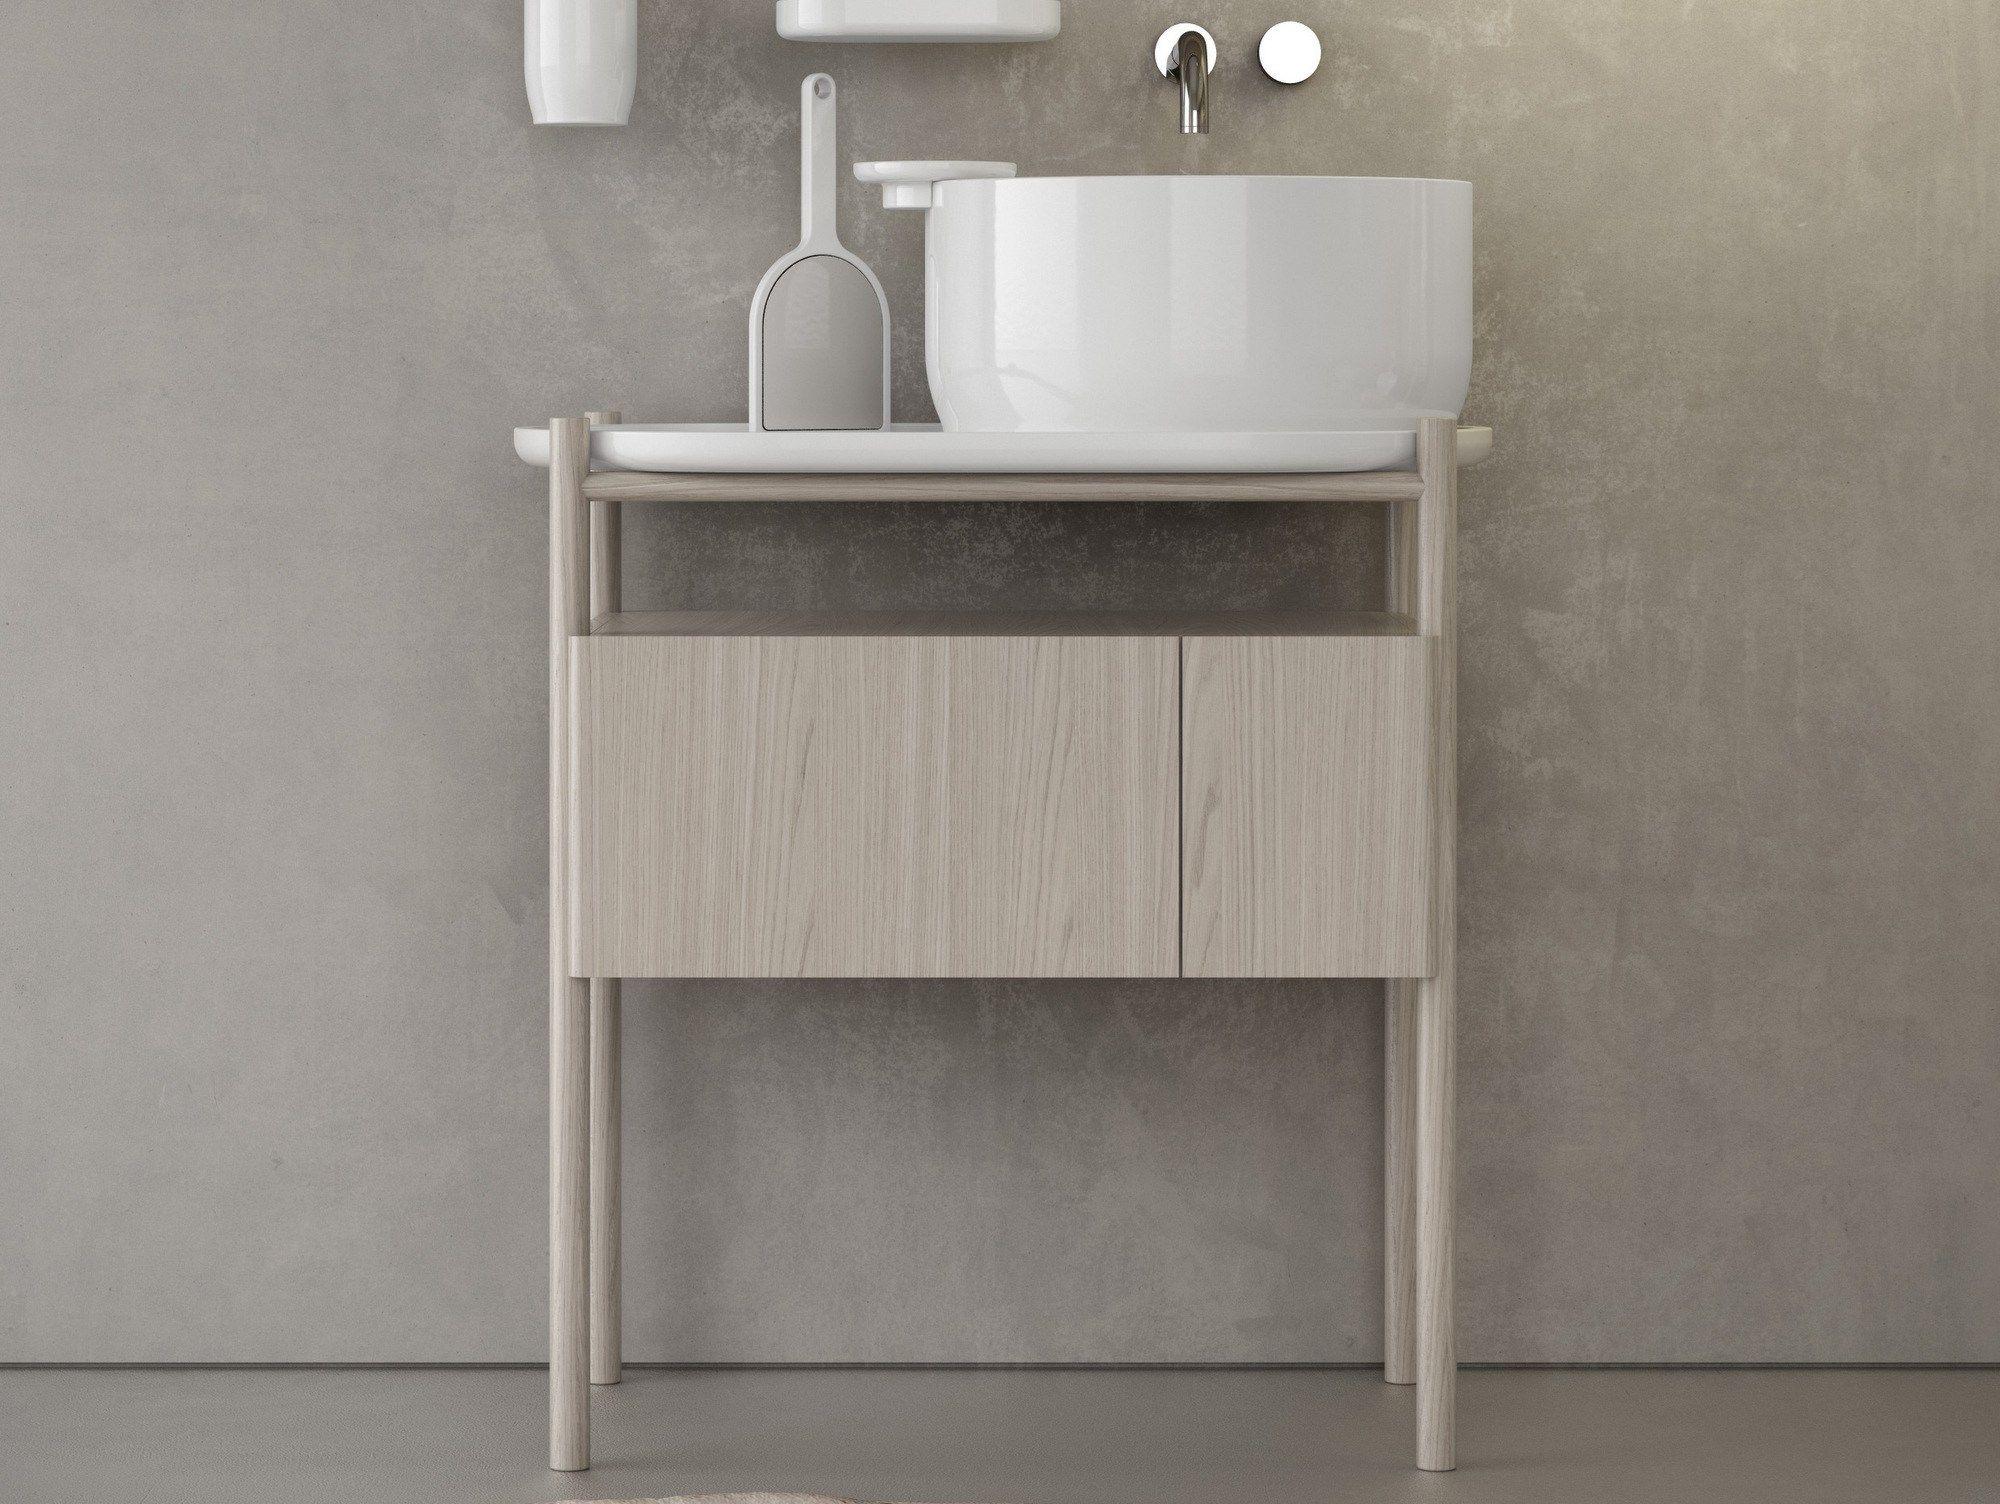 Ukiyo e vanity unit by olympia ceramica - Lavamanos con mueble ...